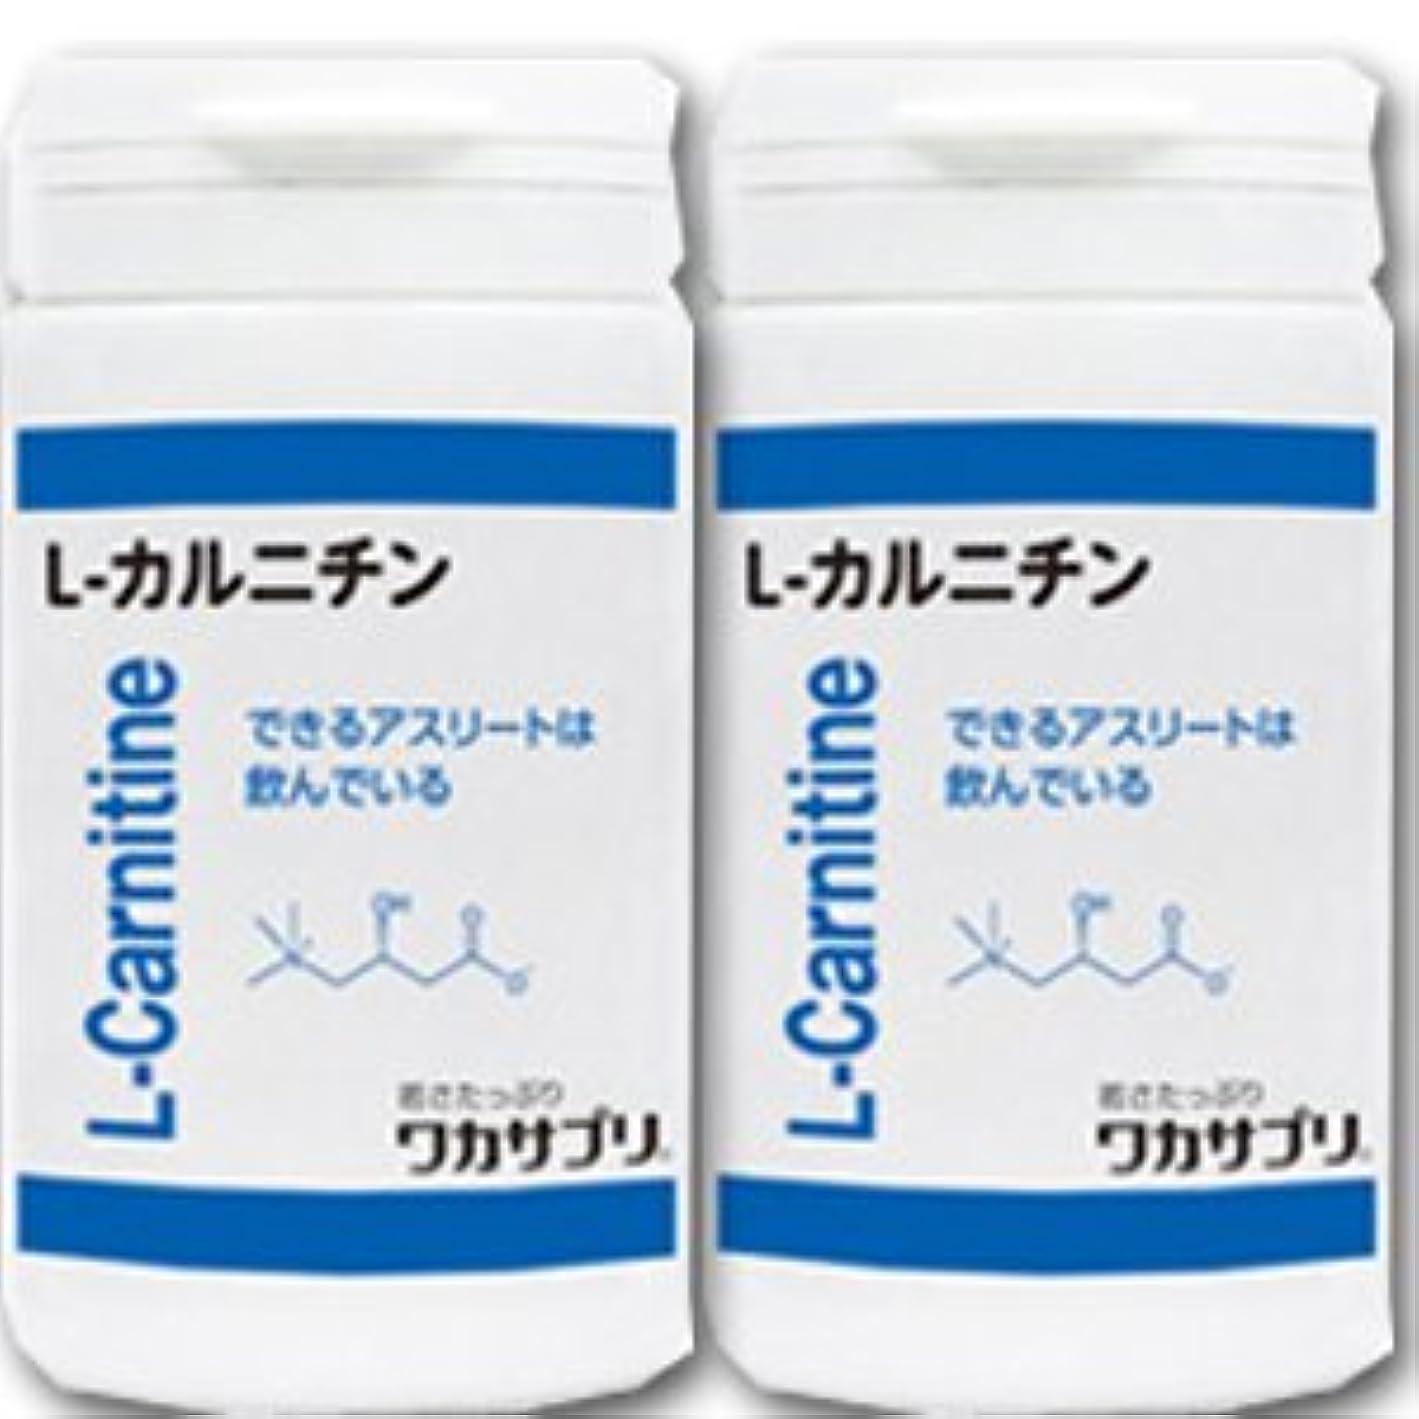 特異なけん引離れた【2個】 ワカサプリ L-カルニチン 60粒x2個(4562137413703)